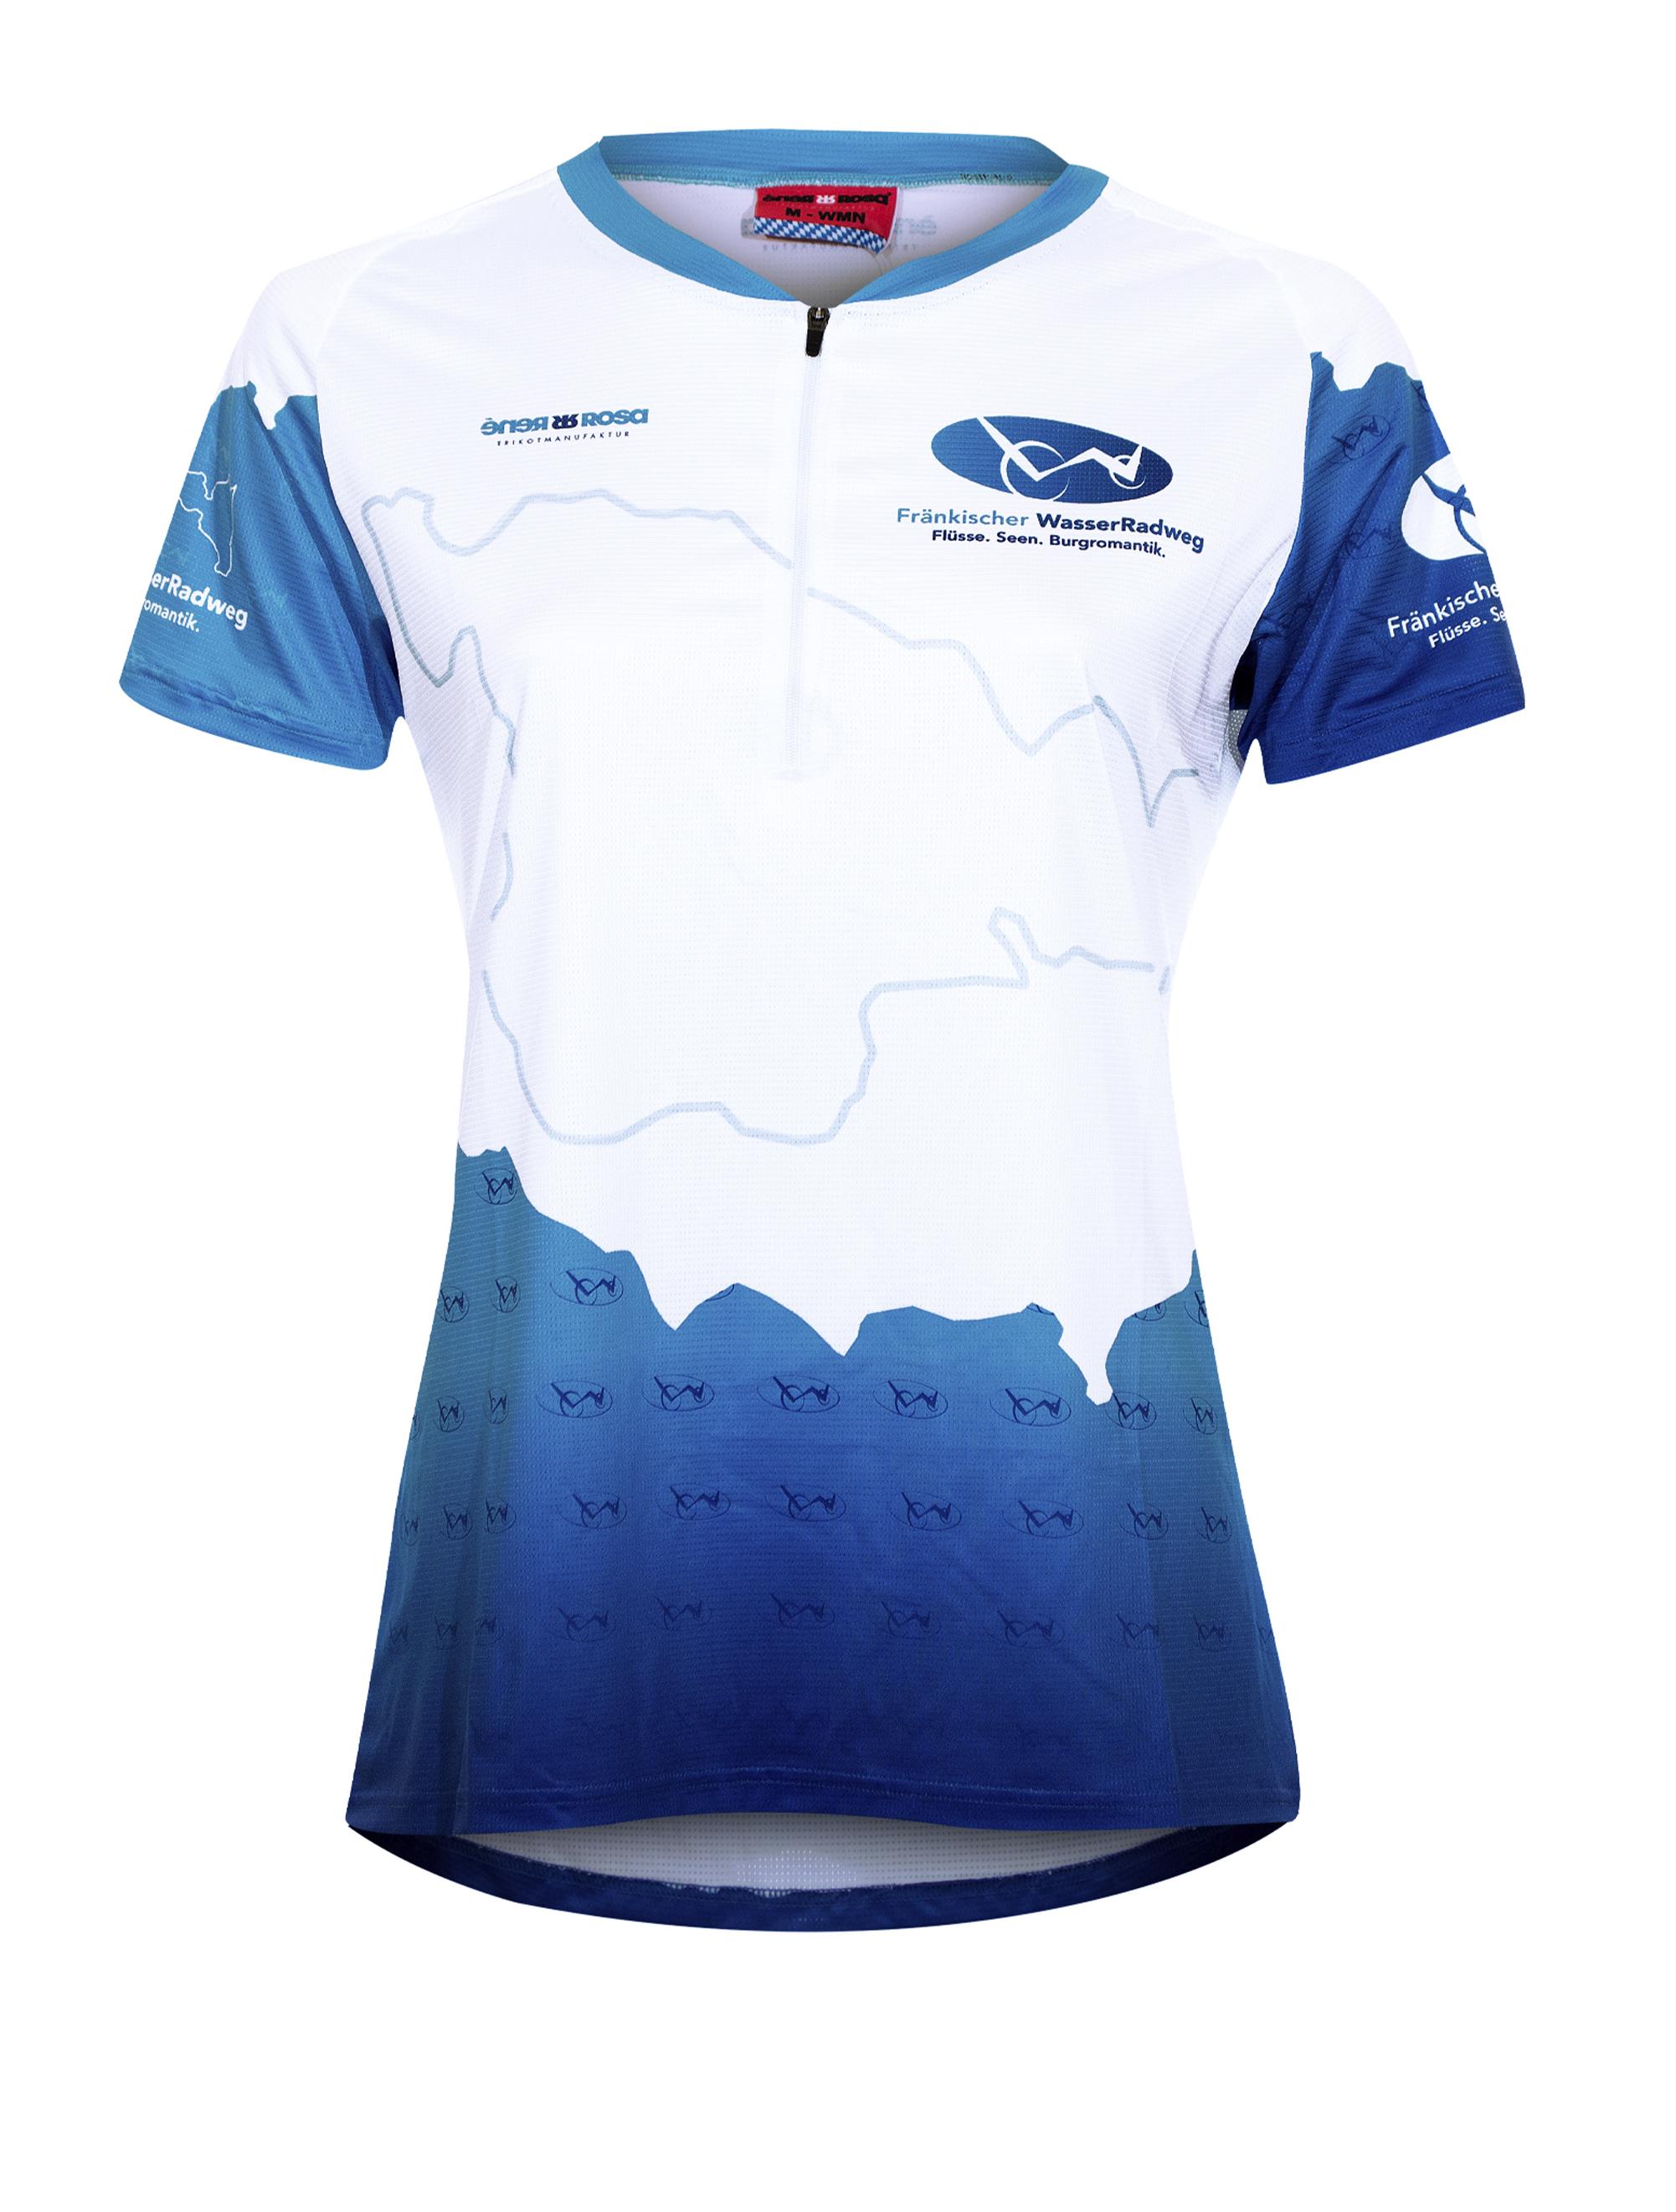 E-Bike Shirt RRT805W Damen / Fränkischer WasserRadweg